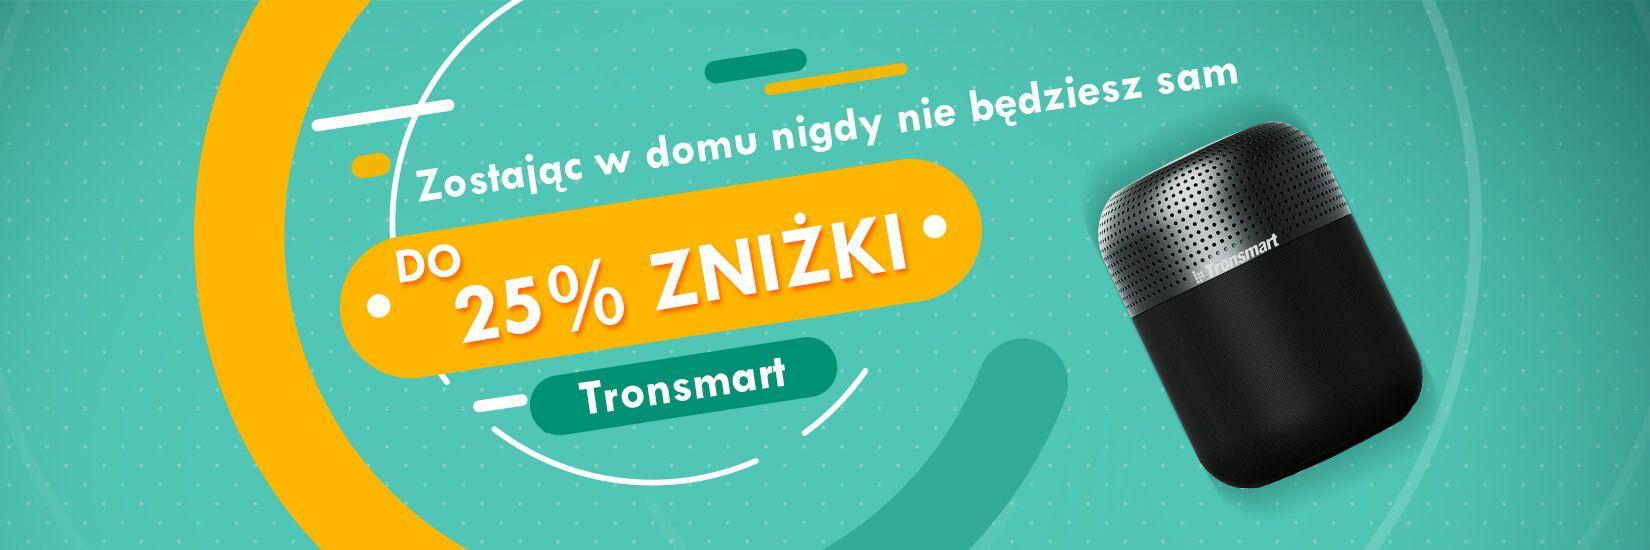 Tronsmart -  Zostając w domu nigdy nie będziesz sam - Geekbuying.pl